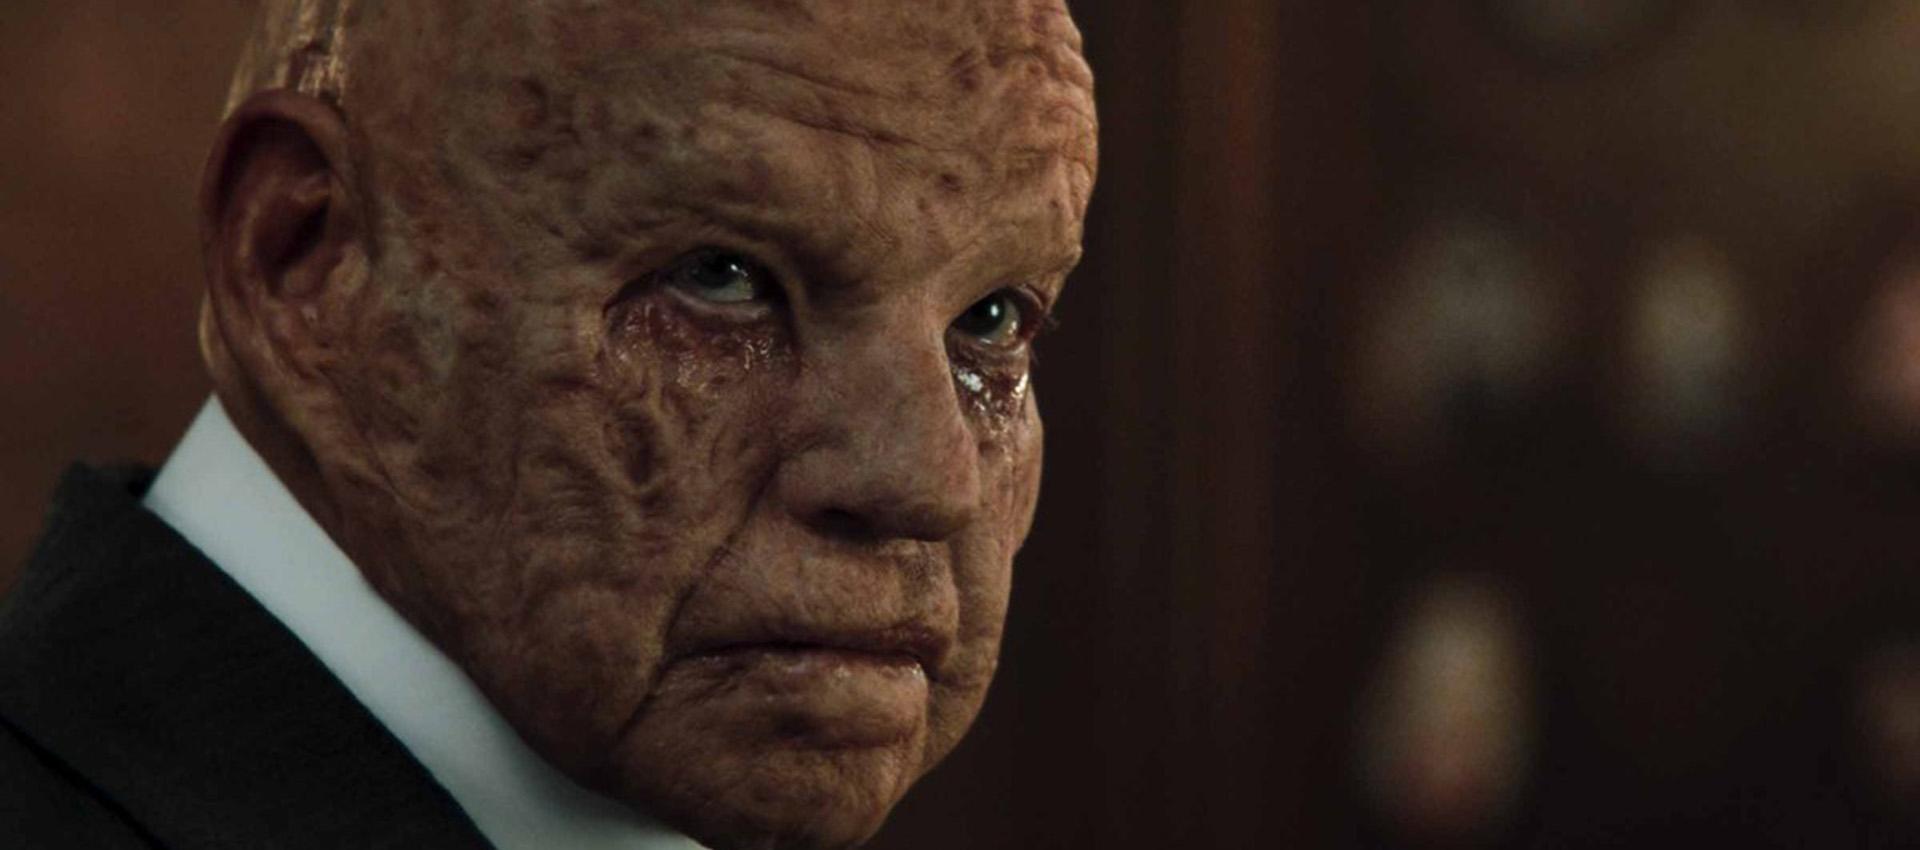 """[Crítica] Dark - Terceira temporada finaliza a série, de quebra, dando um """"nó"""" no cérebro dos telespectadores. 4"""